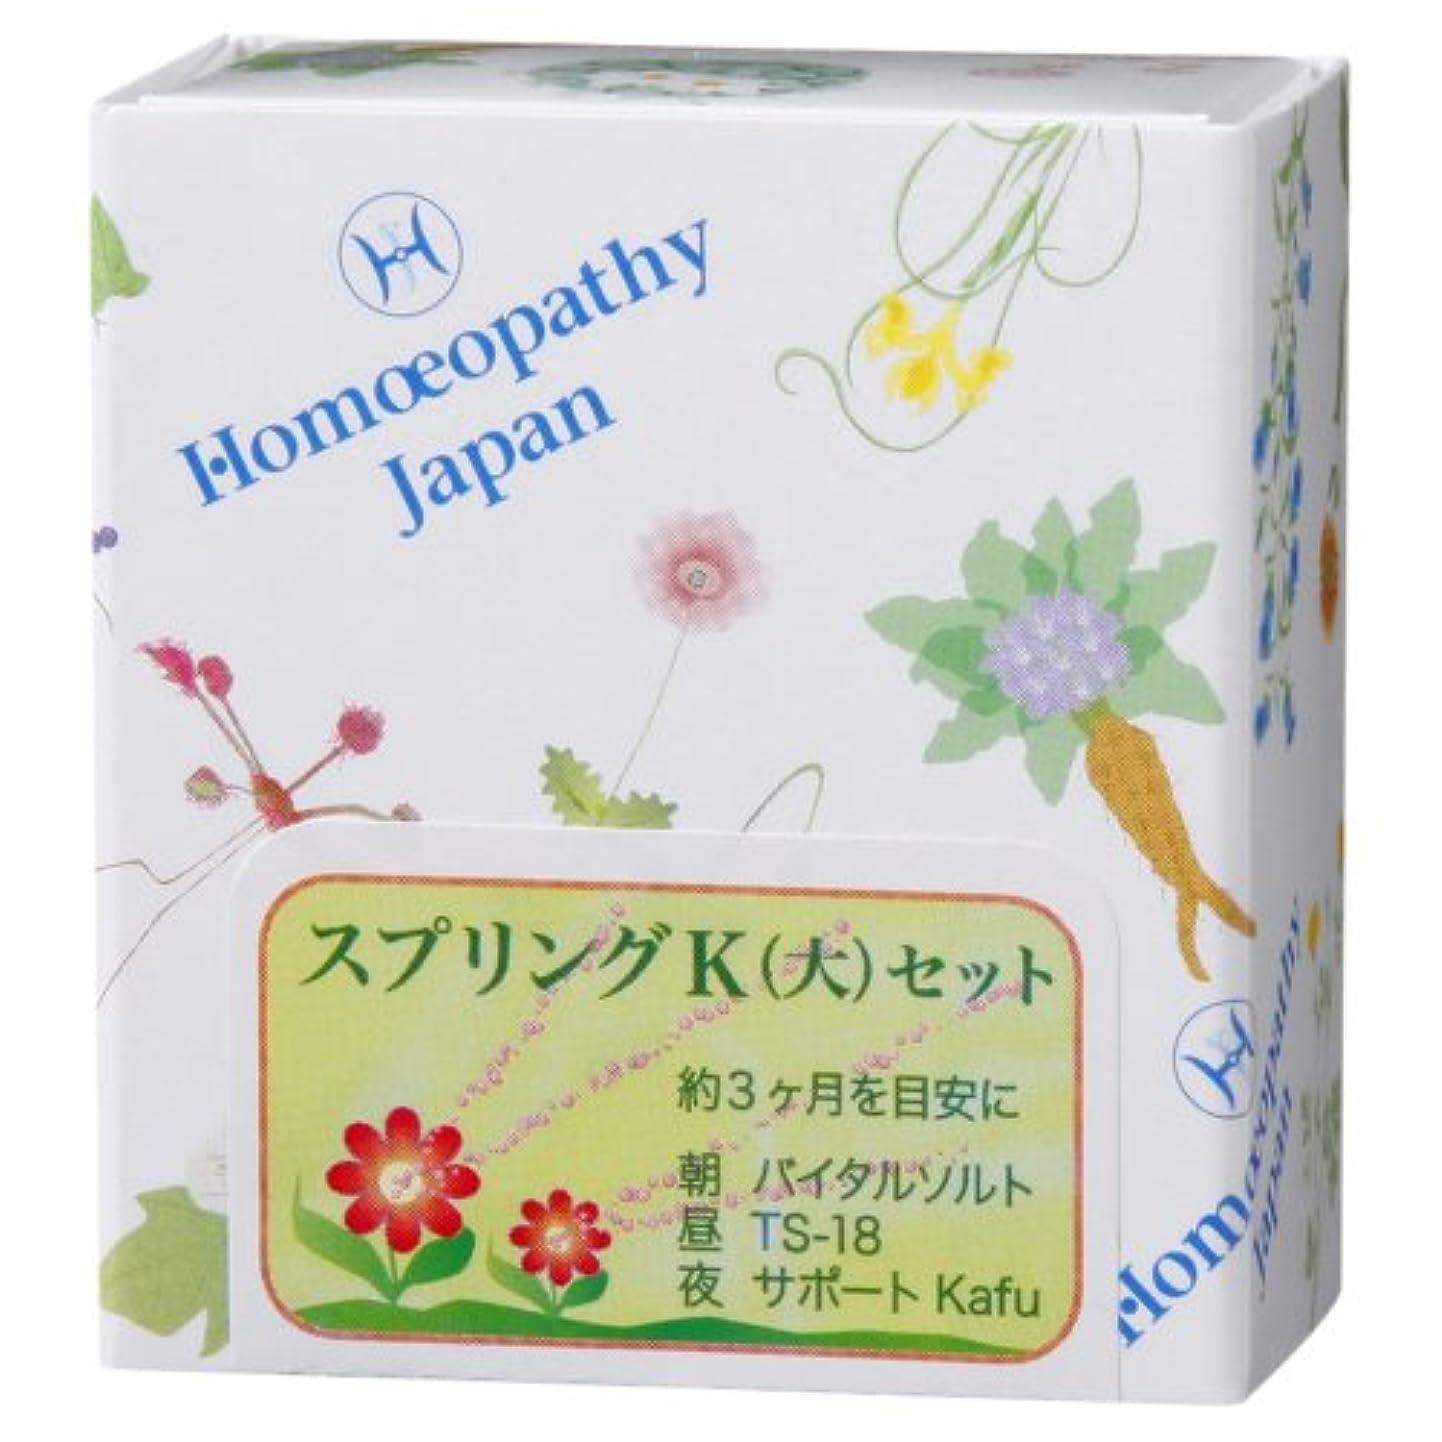 有効な立ち向かう小売ホメオパシージャパンレメディー スプリングK(大)セット